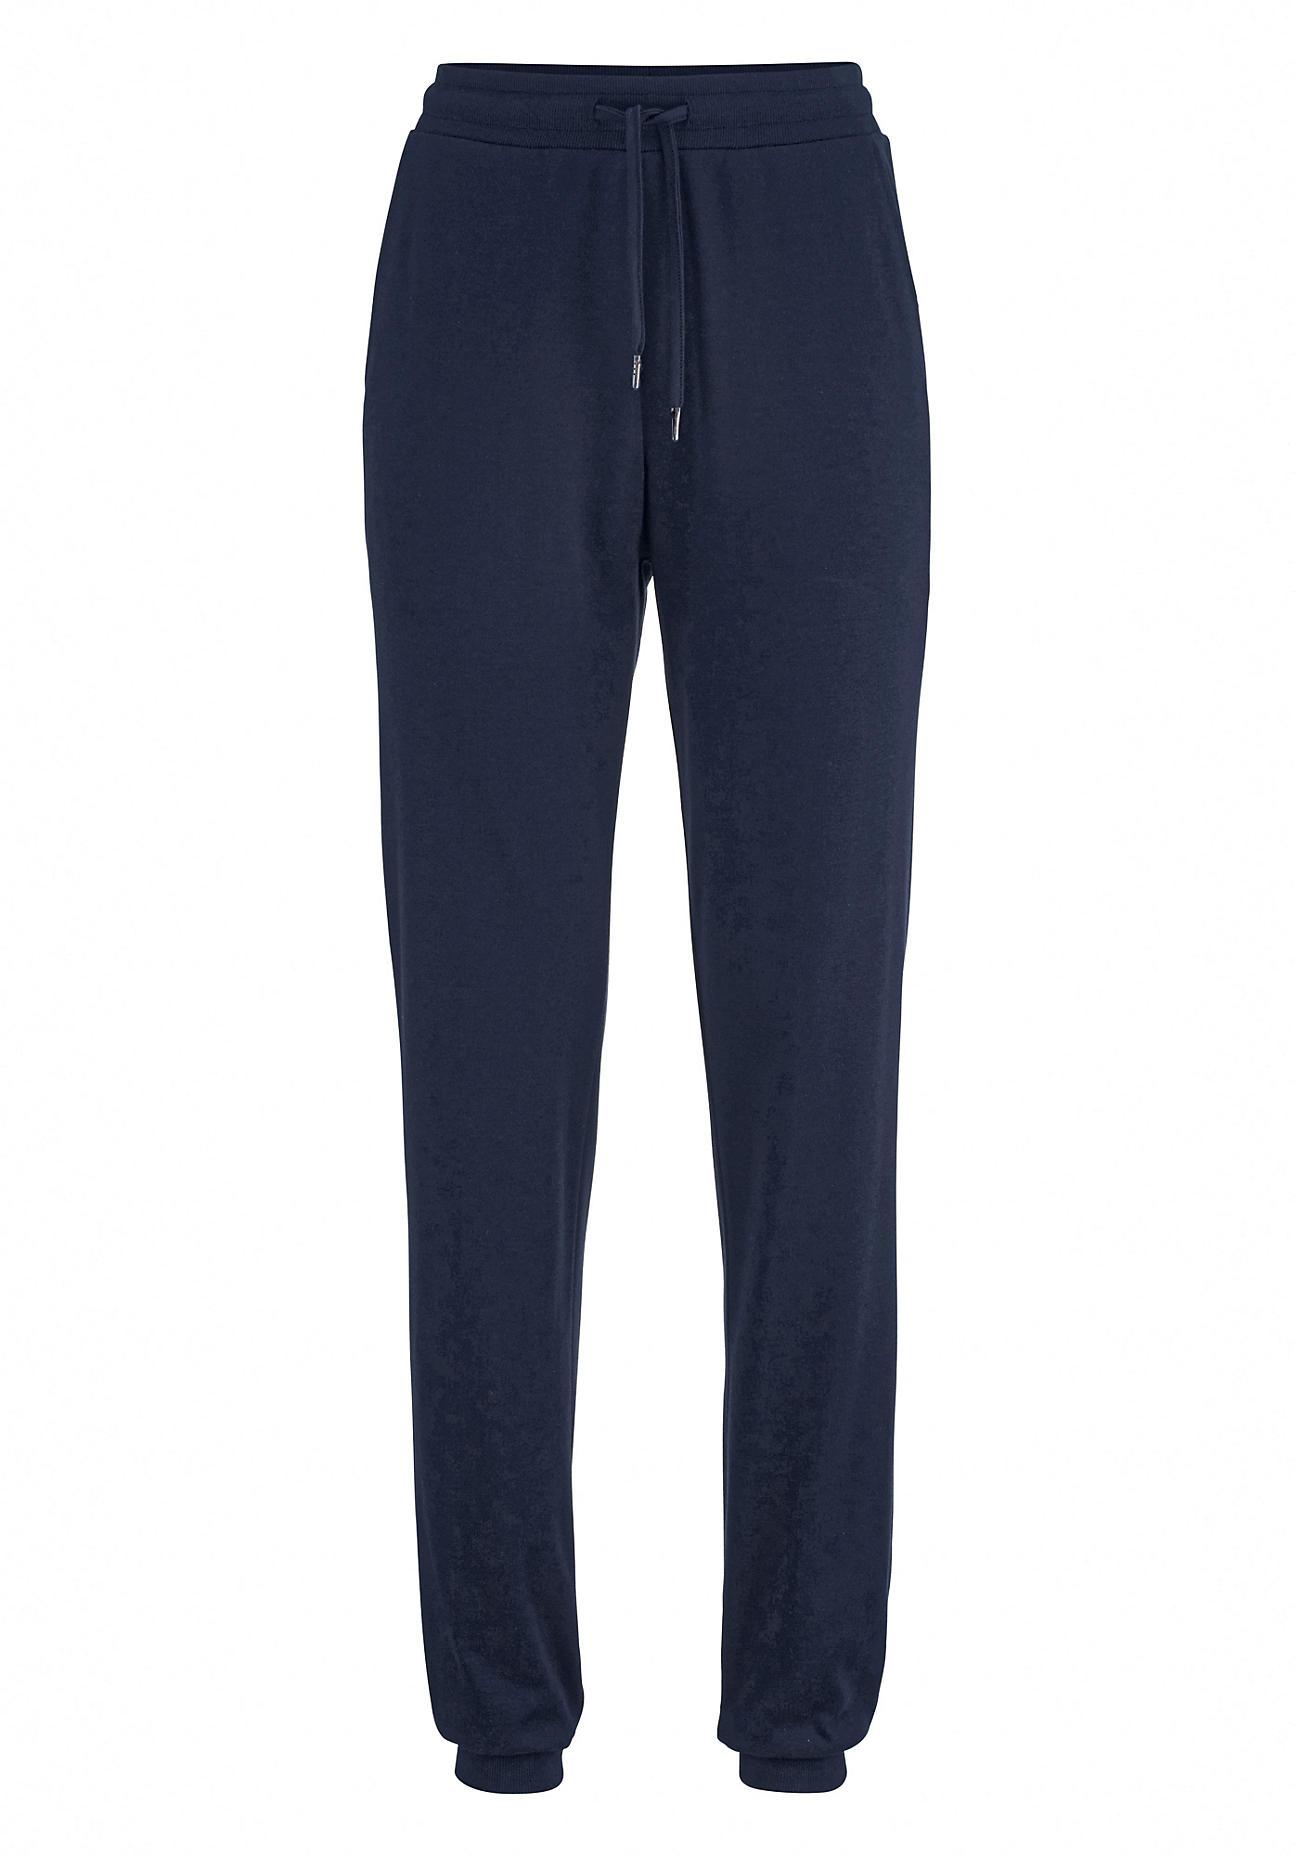 hessnatur Loungewear Jersey-Hose aus Bio-Baumwolle und TENCEL™Modal – blau – Größe 36